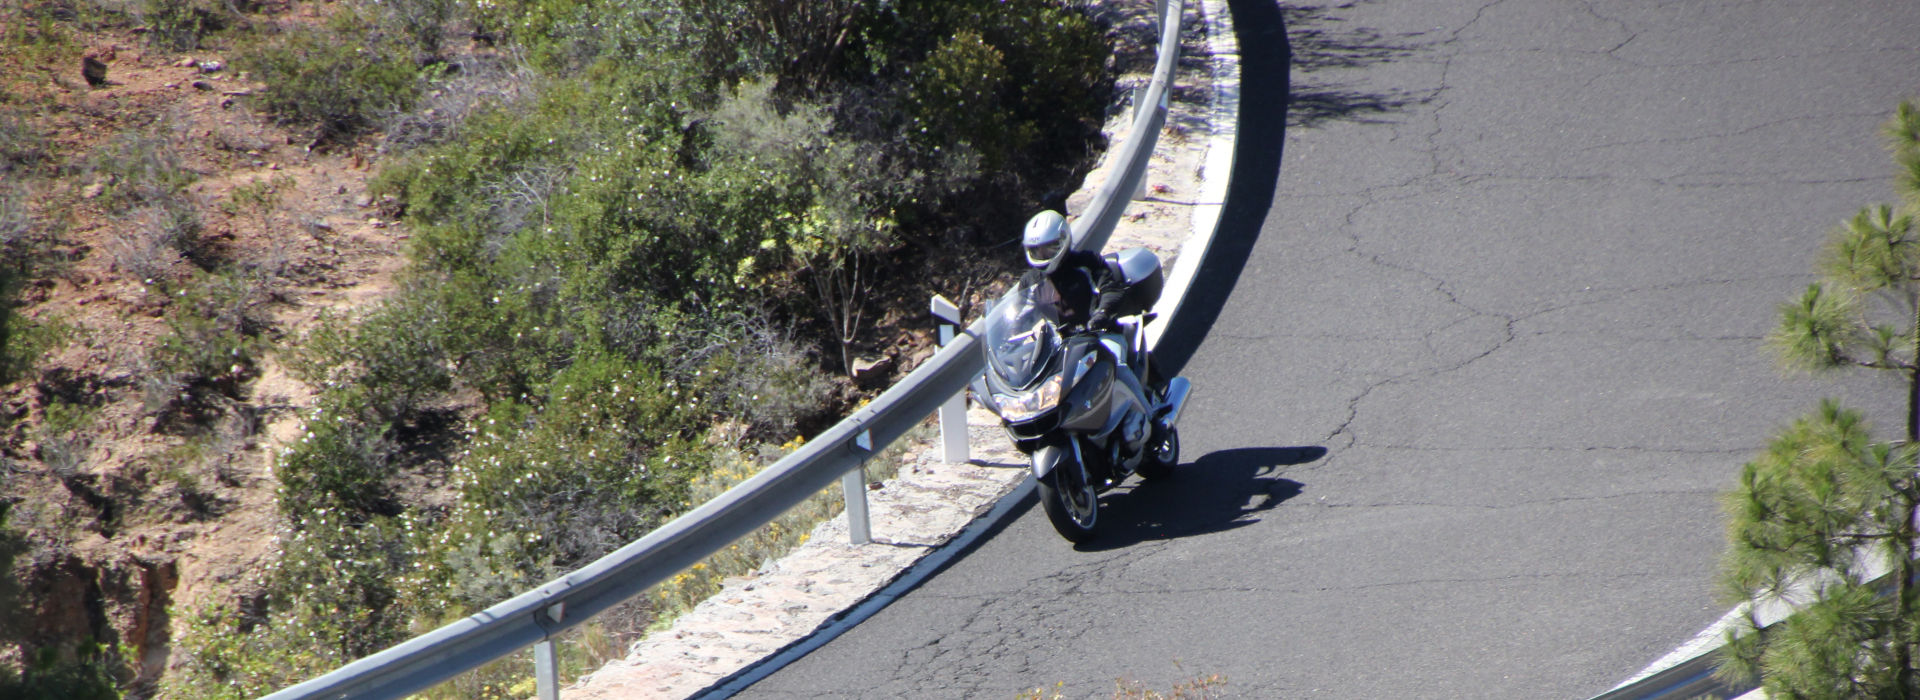 Motorrijbewijspoint Herkenbosch snel motorrijbewijs halen